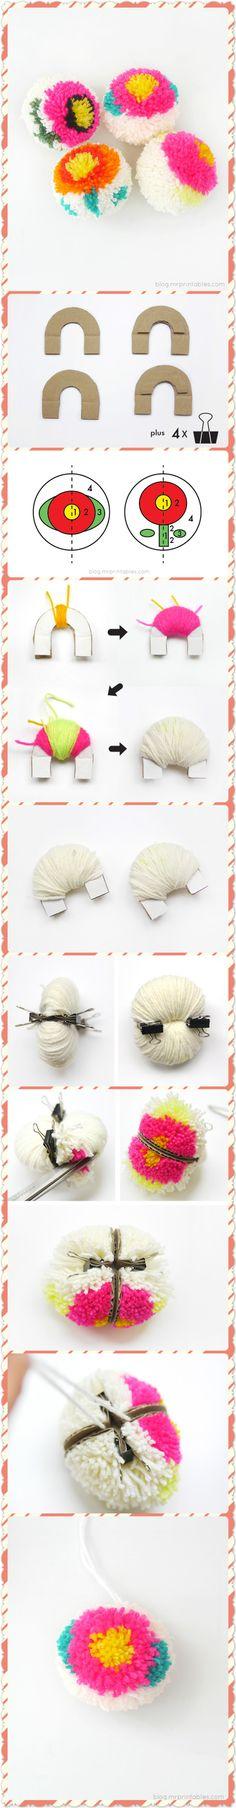 Making Flower Pom-poms with a DIY Pom-pom maker.  Click www.welikecraft.com for more craft ideas!